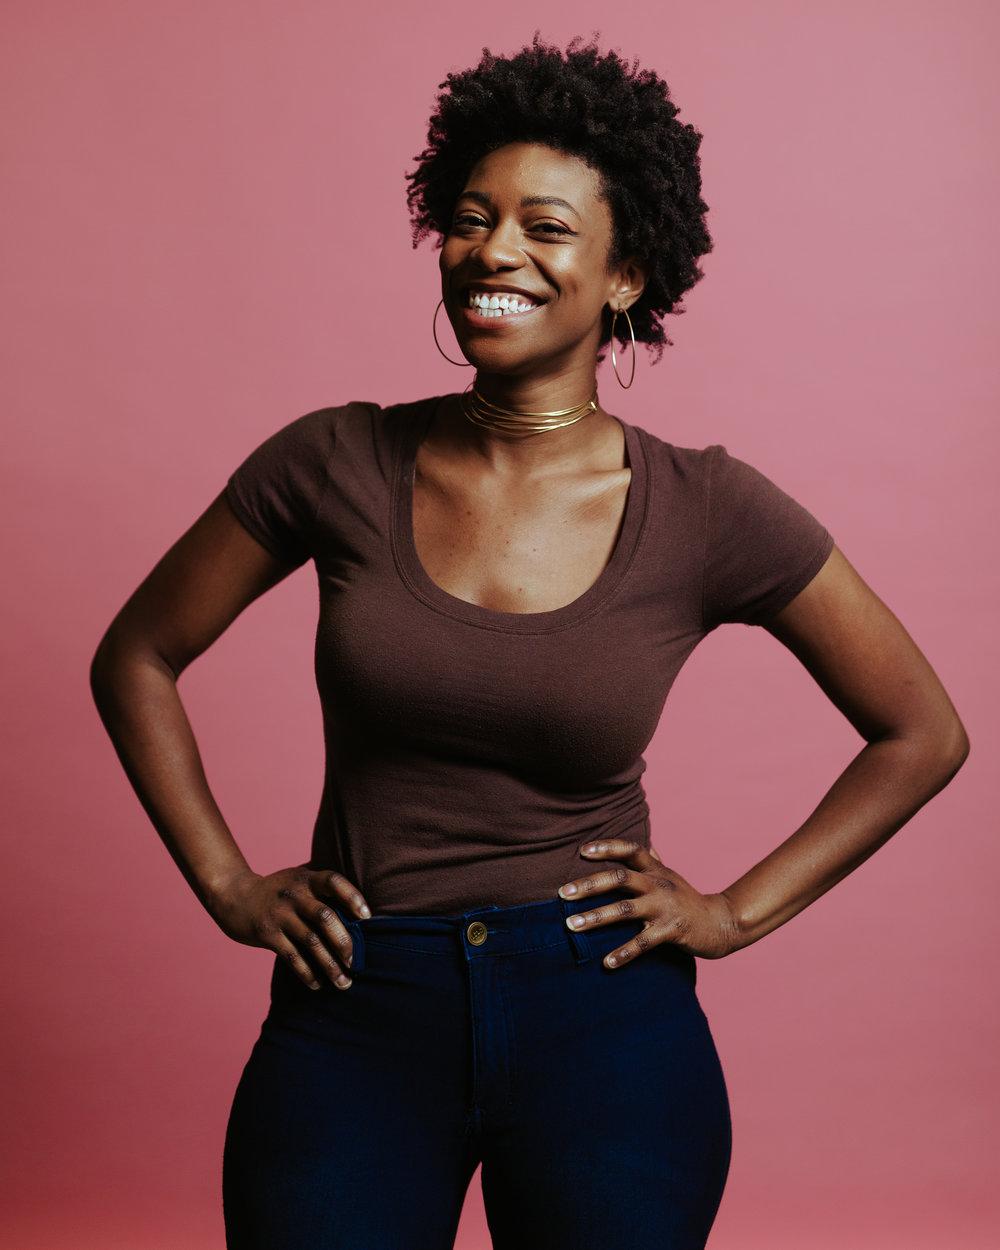 Kyisha Davenport, photo courtesy of Ally Schmaling